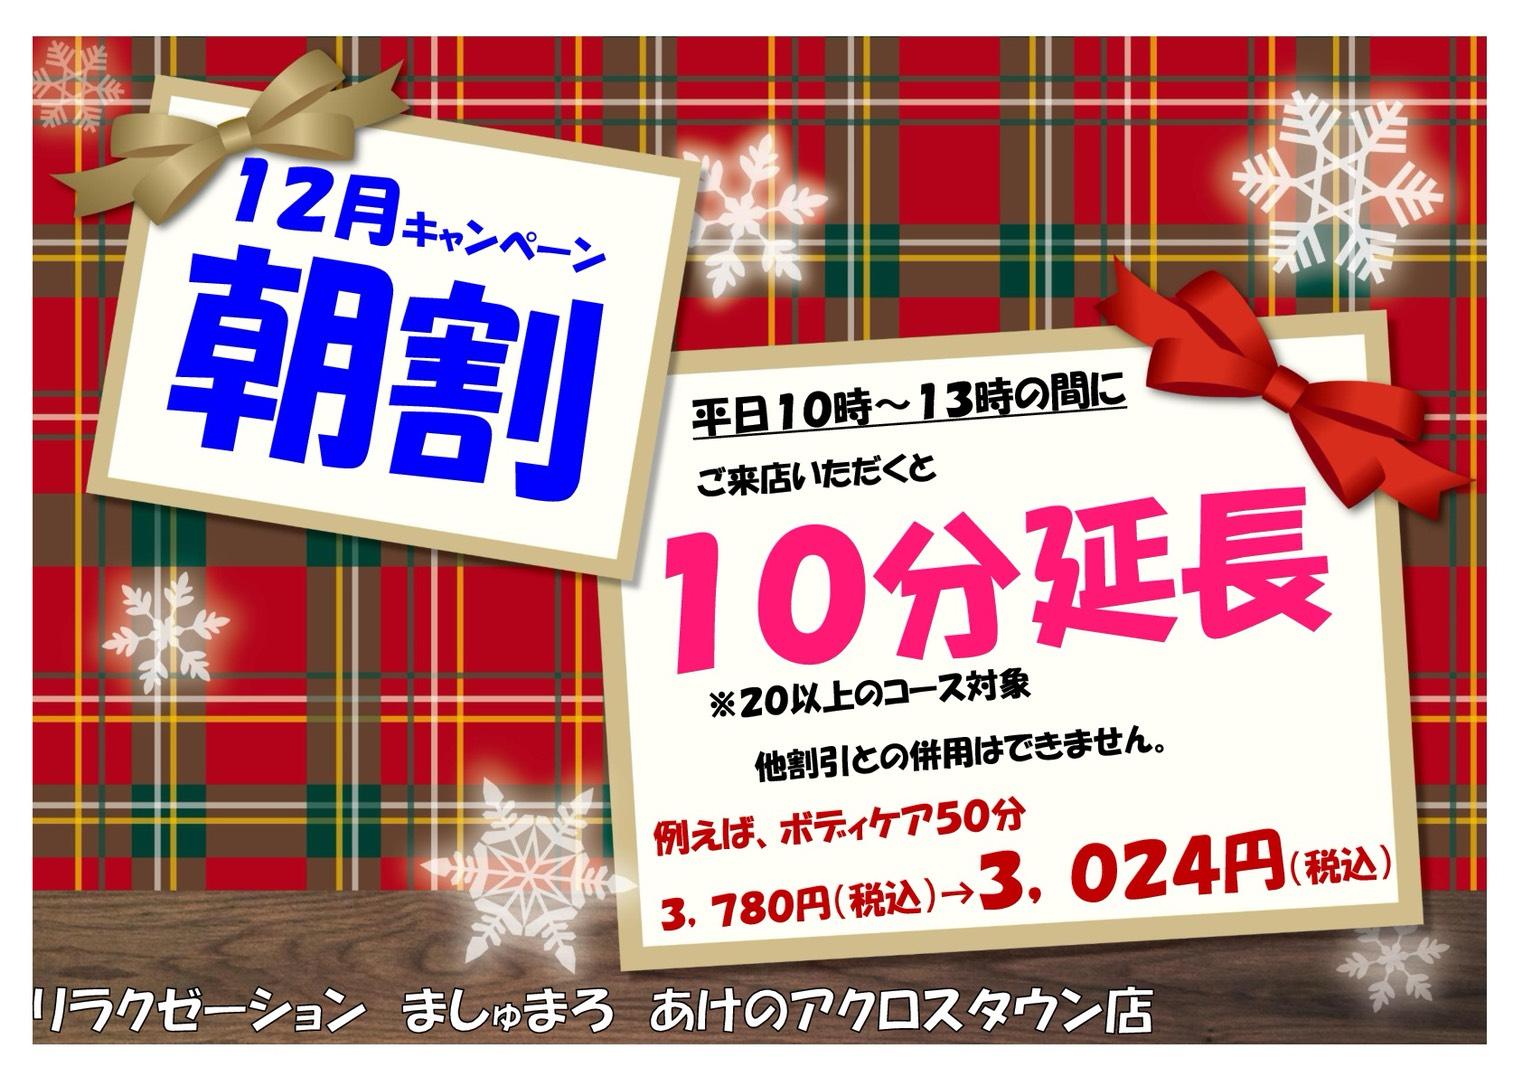 【リフレイト】12月キャンペーン情報1